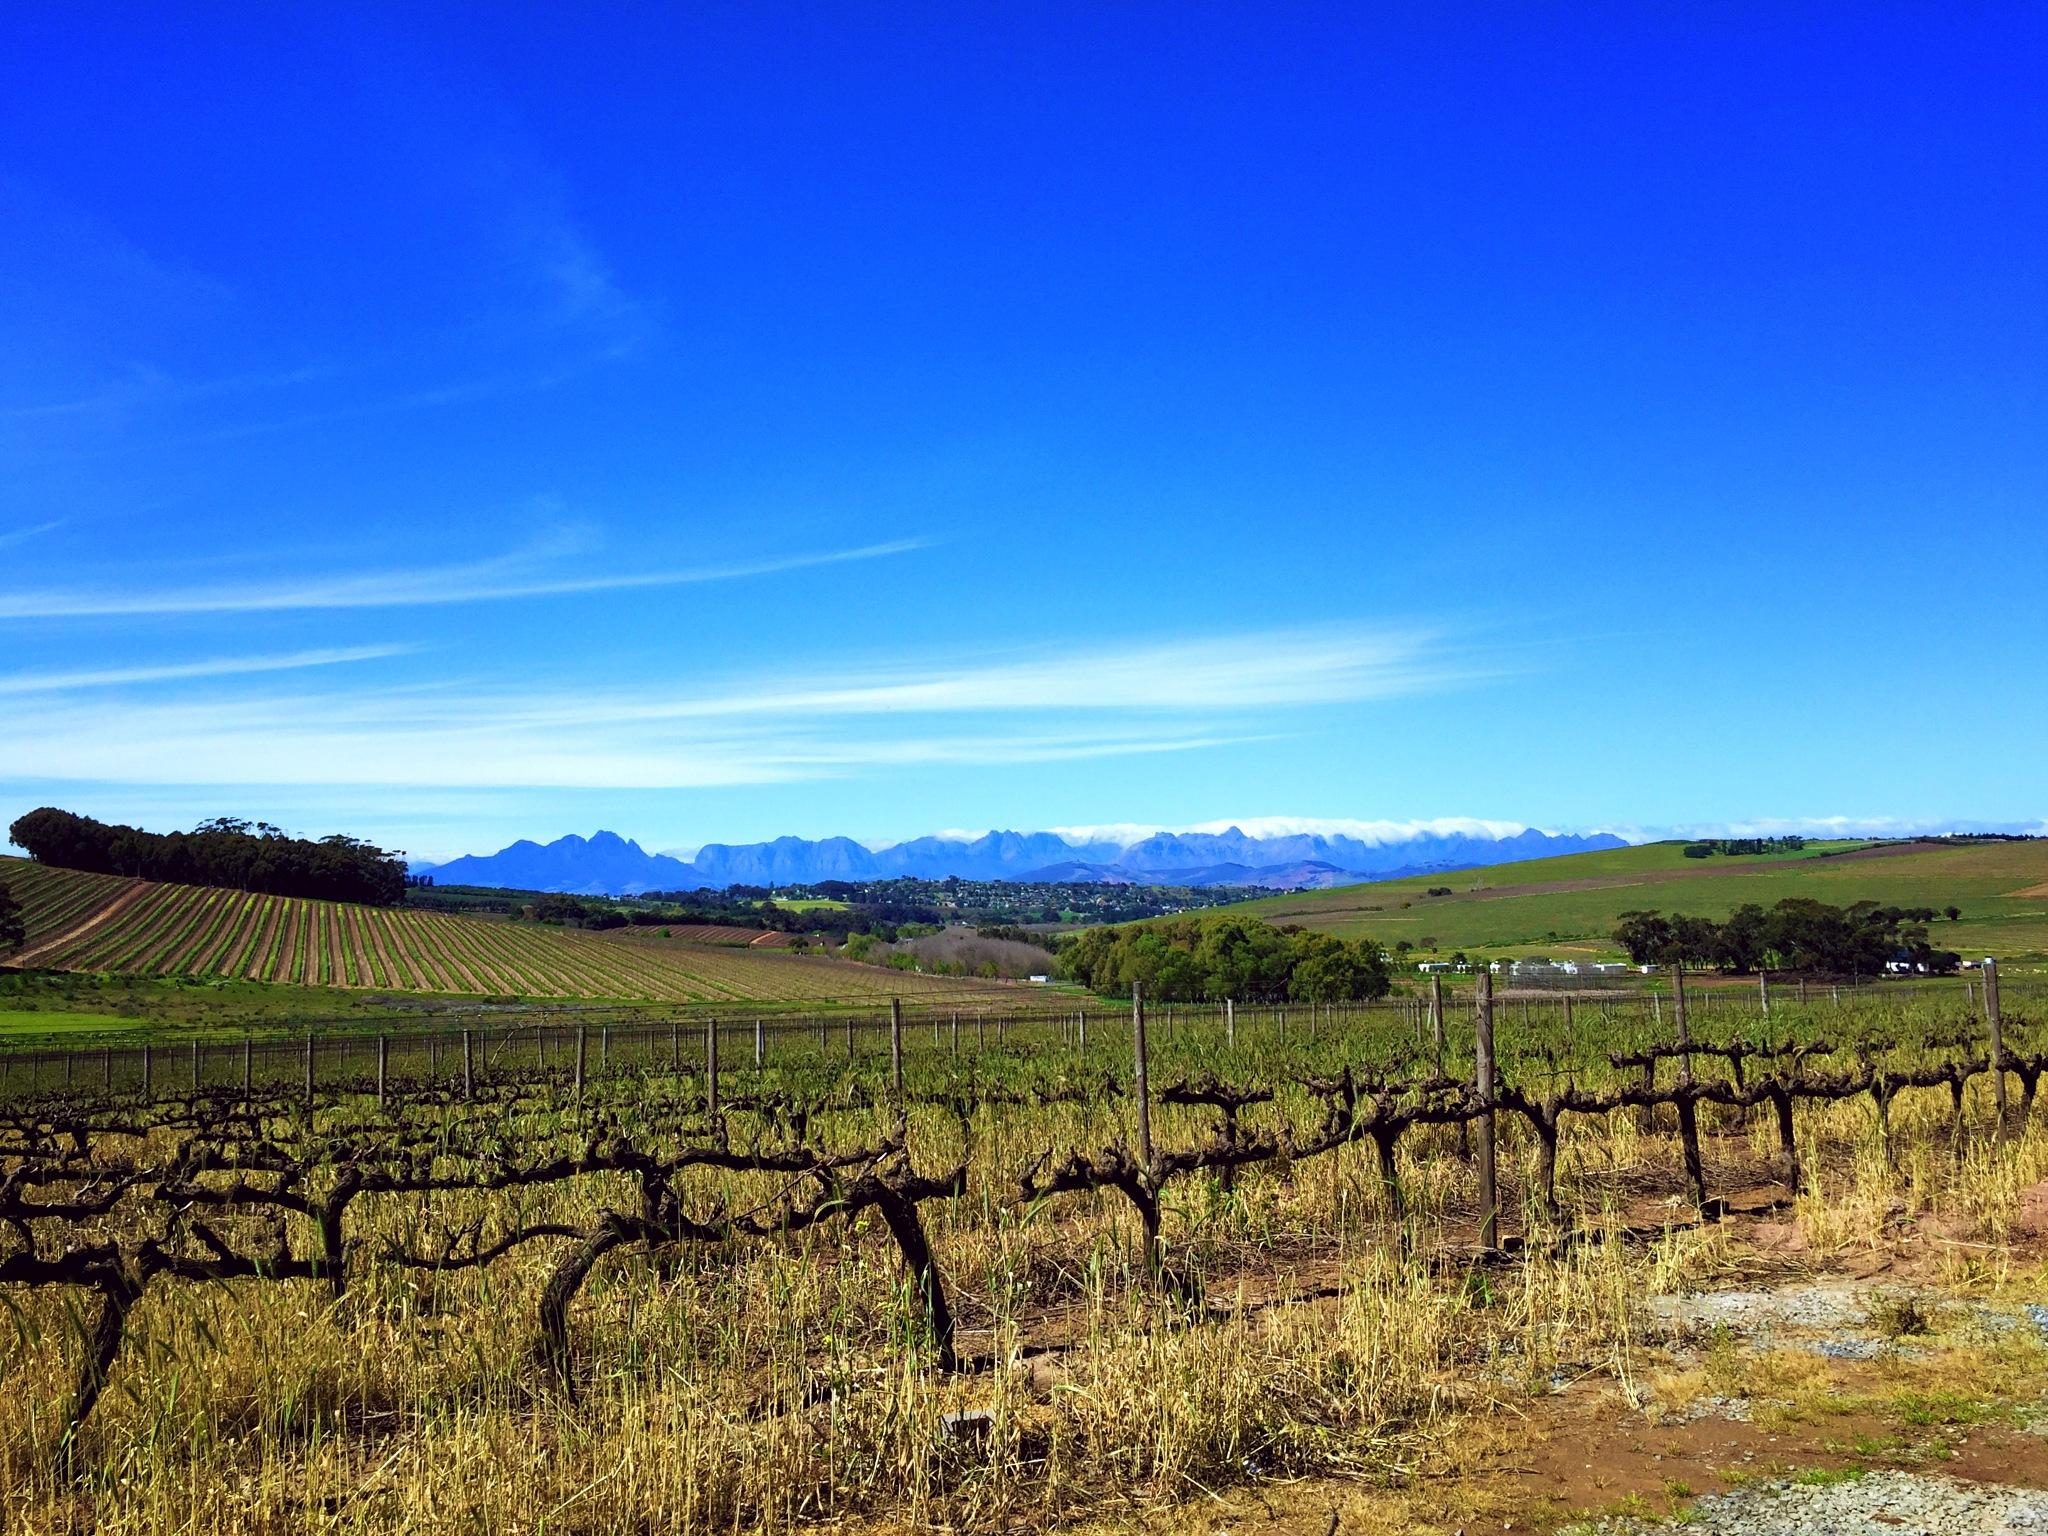 Vineyards  by JB